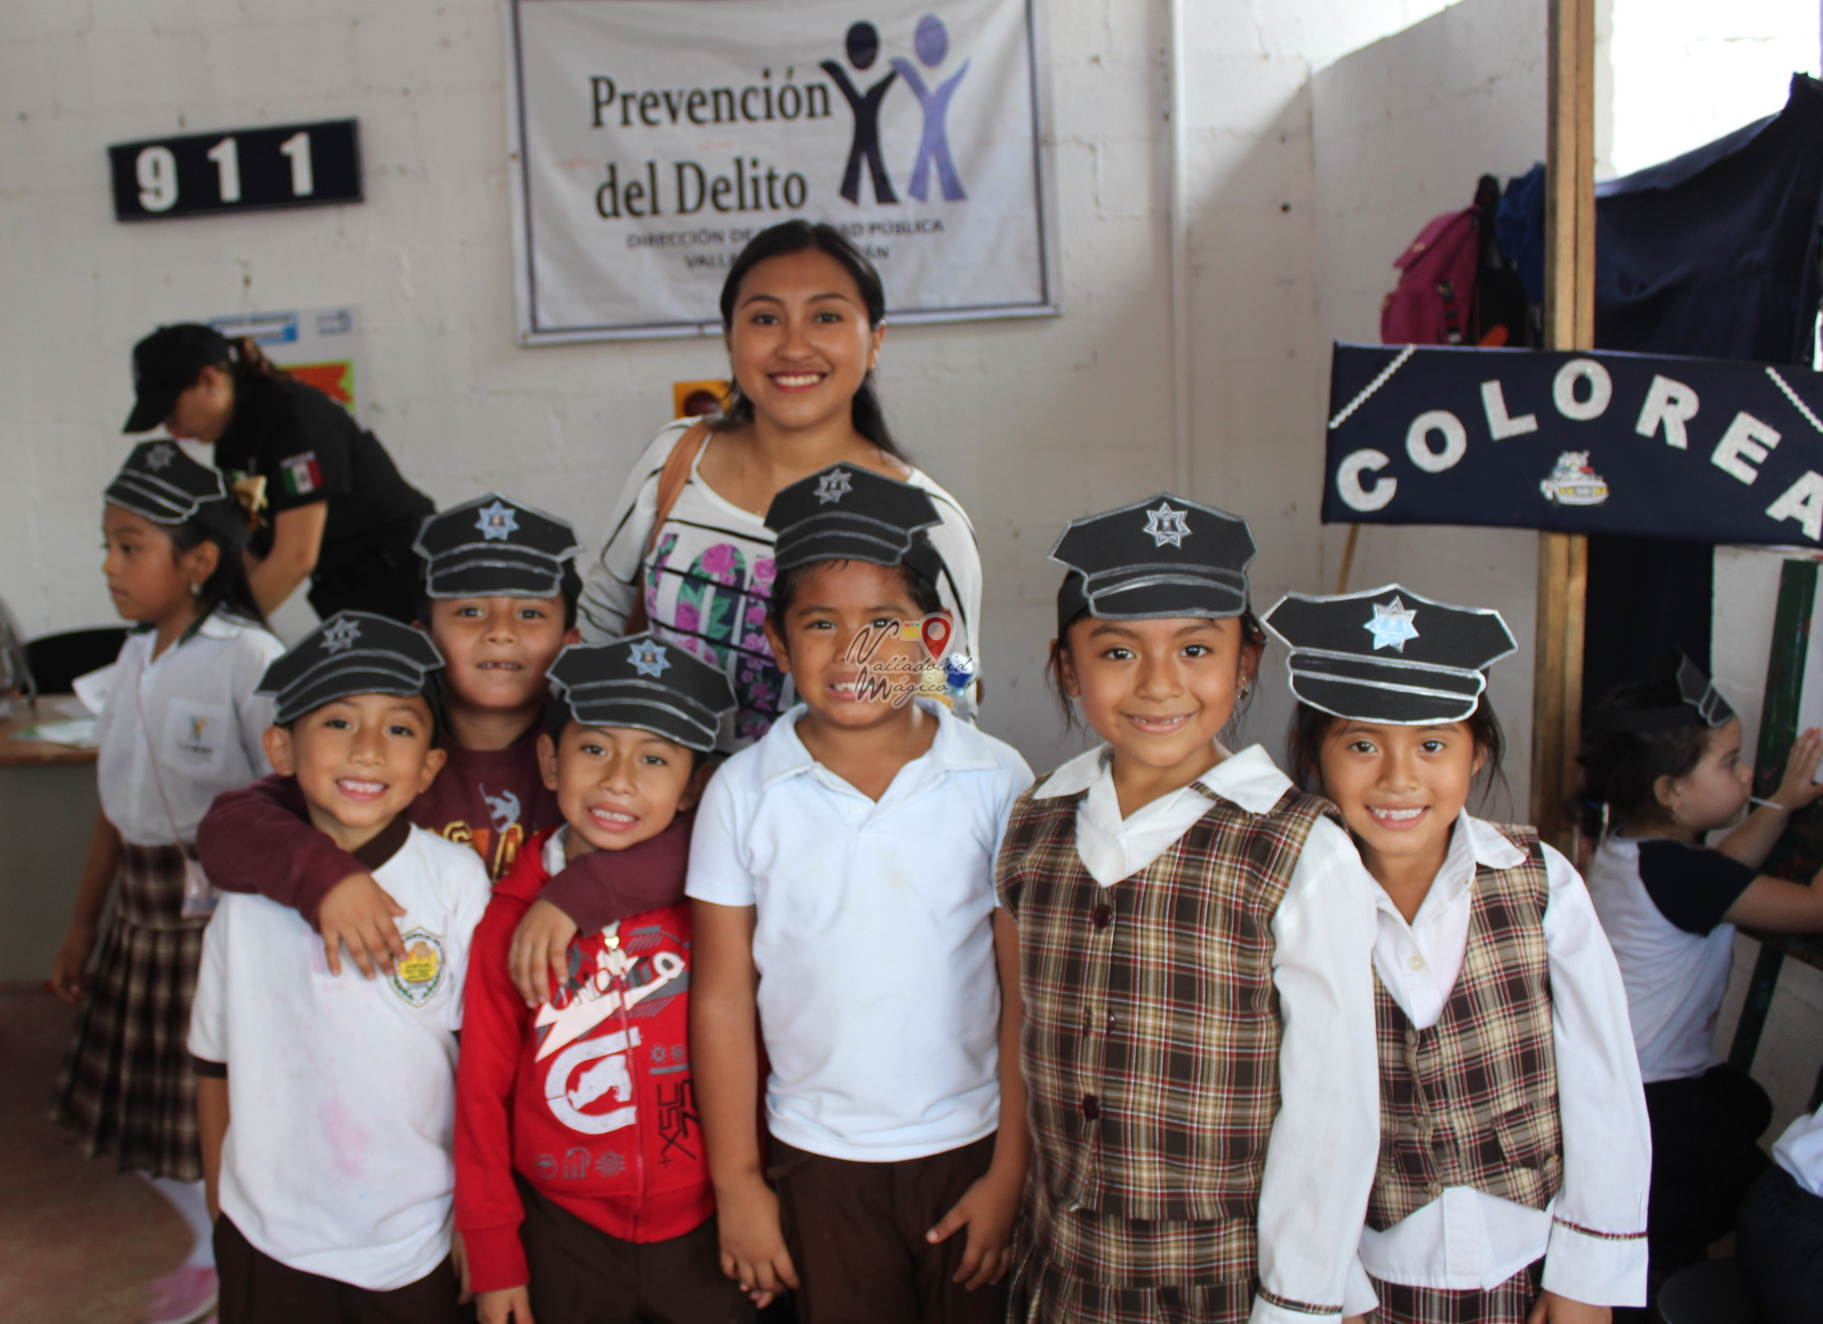 Continúan las visitas escolares a la feria de Valladolid, Yuc.